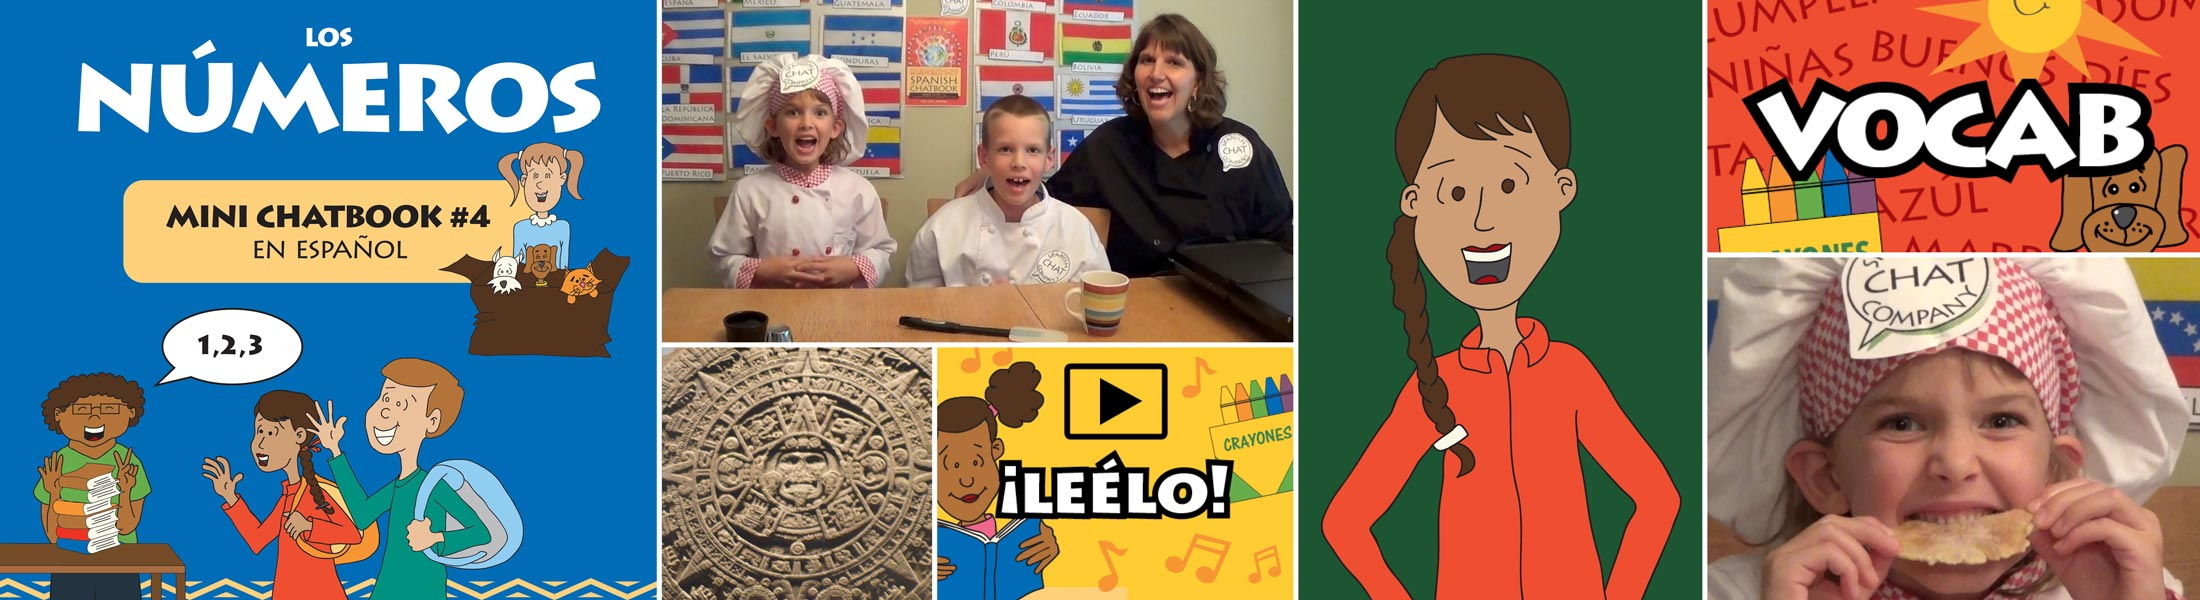 Maestra Julia teaching Spanish lessons for kids online